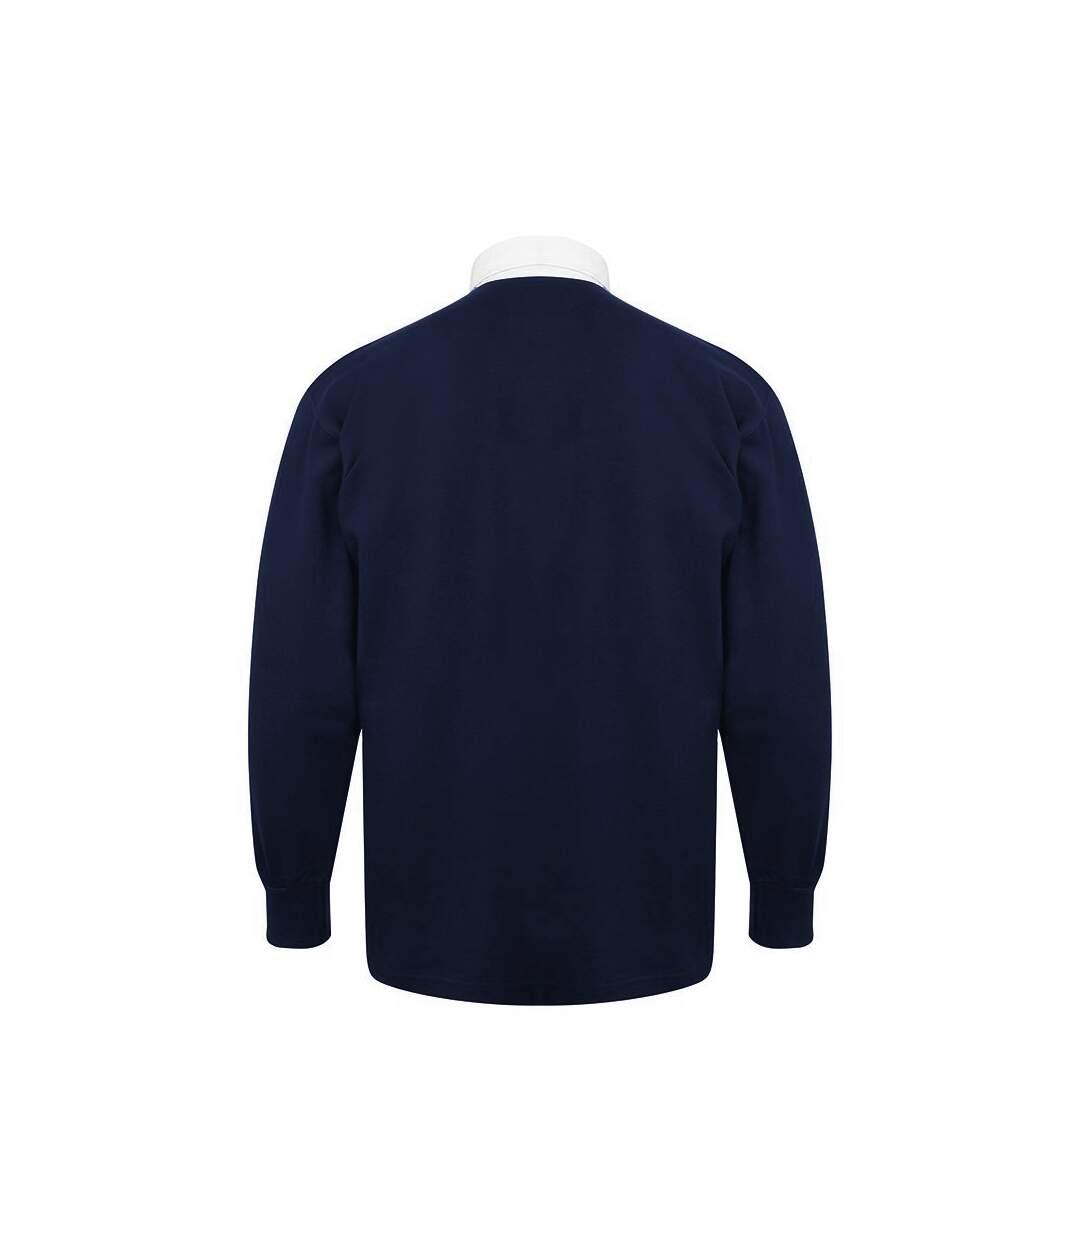 Dégagement Front Row Polo De Rugby À Manches Longues 100% Coton Homme Bleu marine/Blanc UTRW478 dsf.d455nksdKLFHG